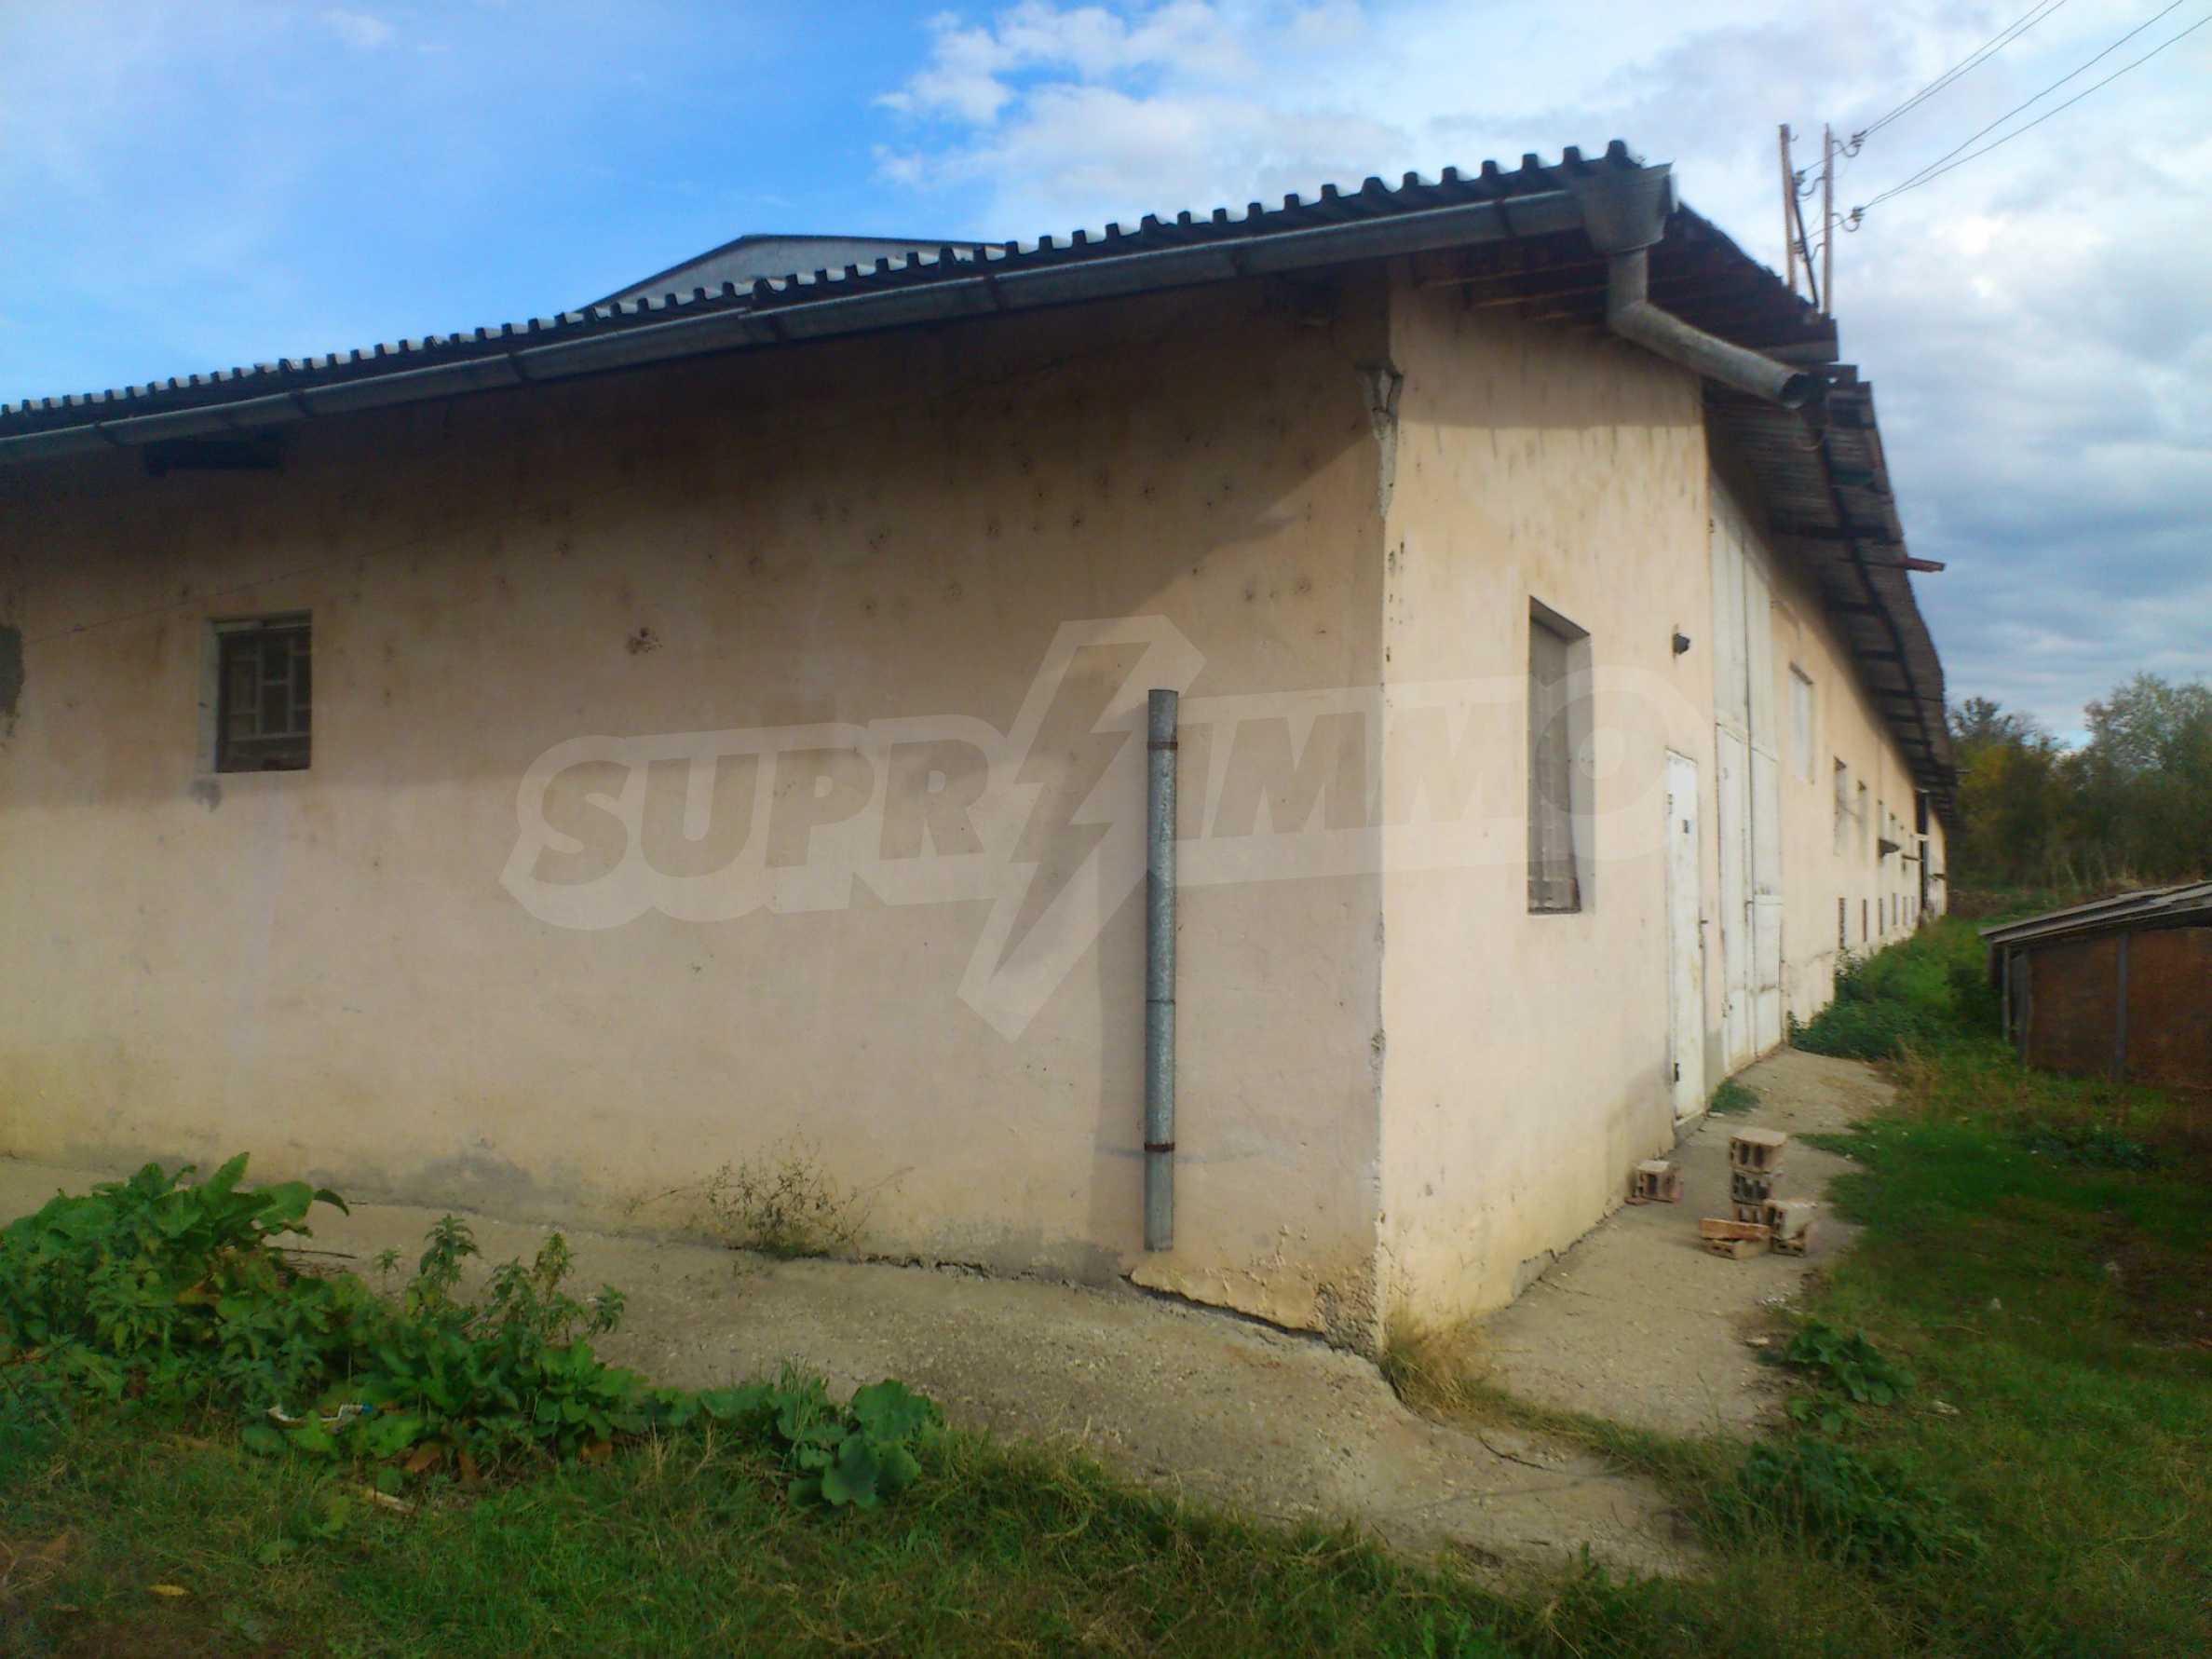 Neues Bauernhaus in einem Dorf in der Nähe von Veliko Tarnovo